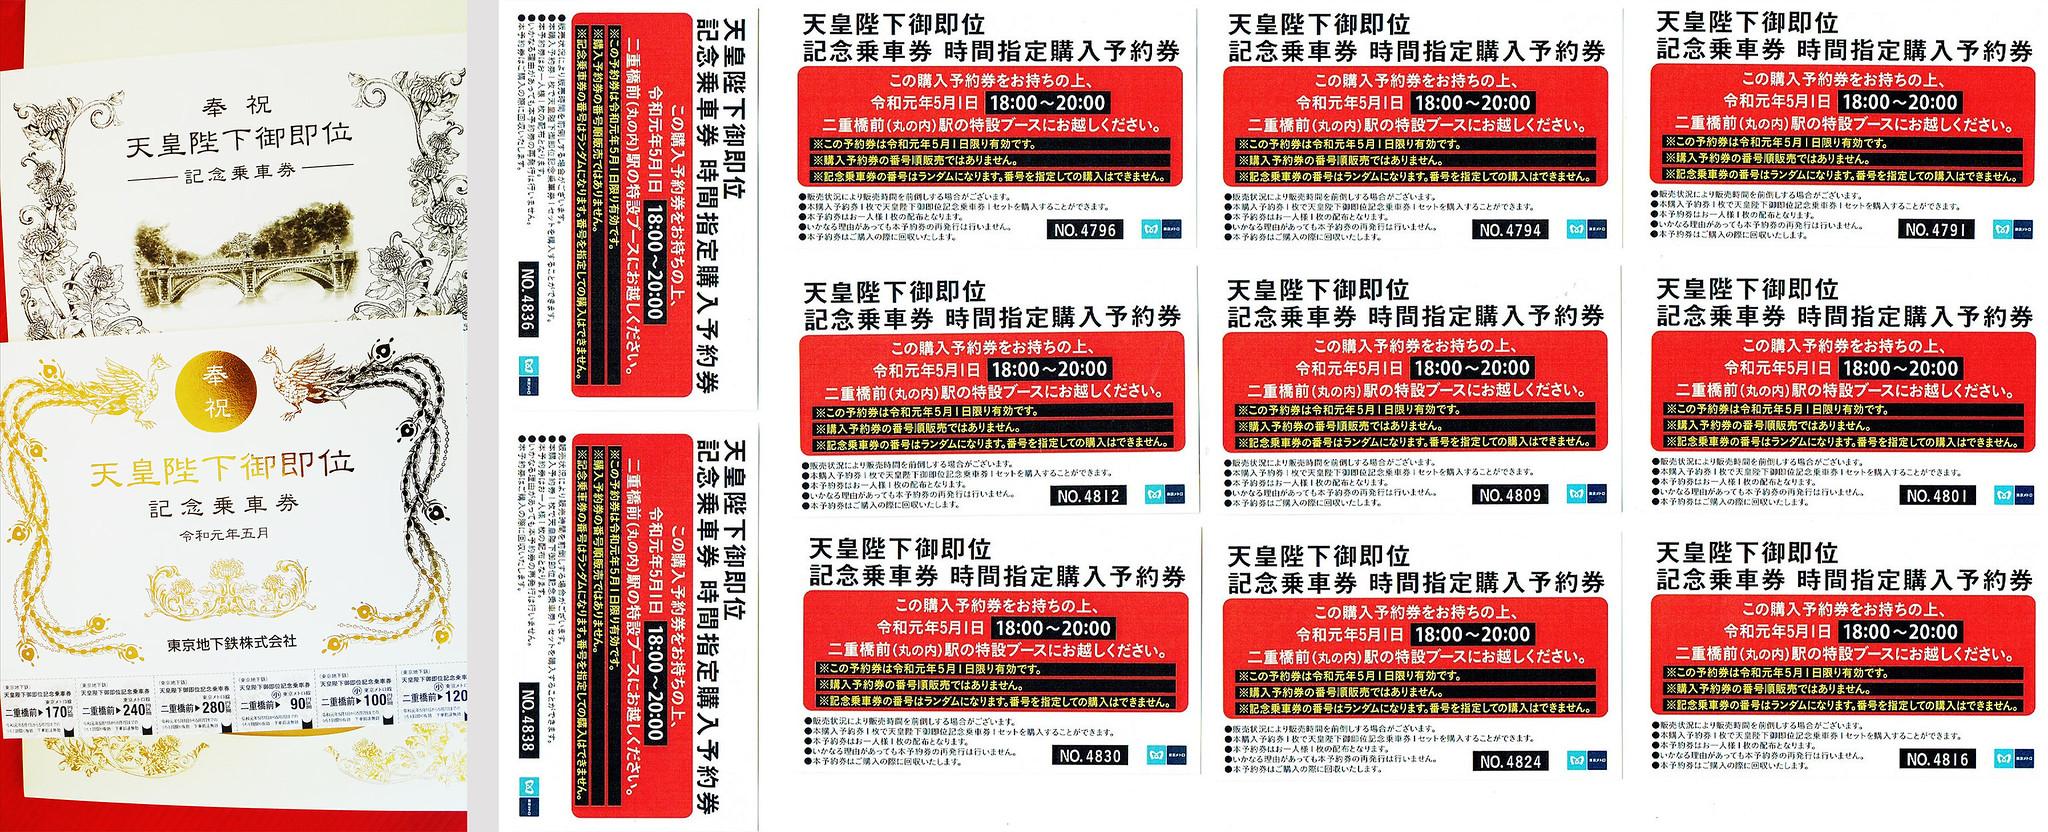 記念乗車券(表・裏・カバー)と購入予約券